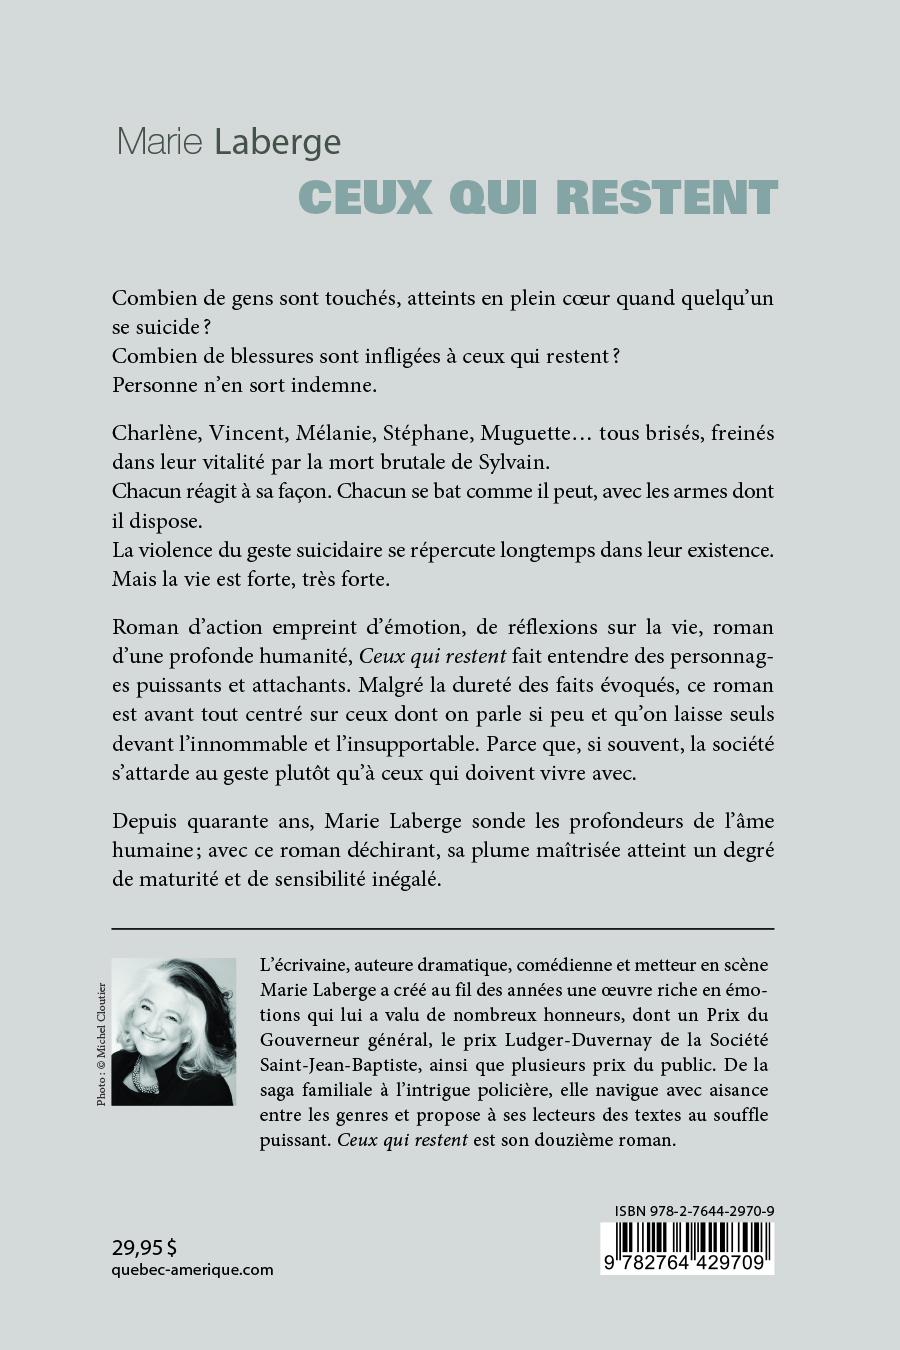 romans_ceux_C4